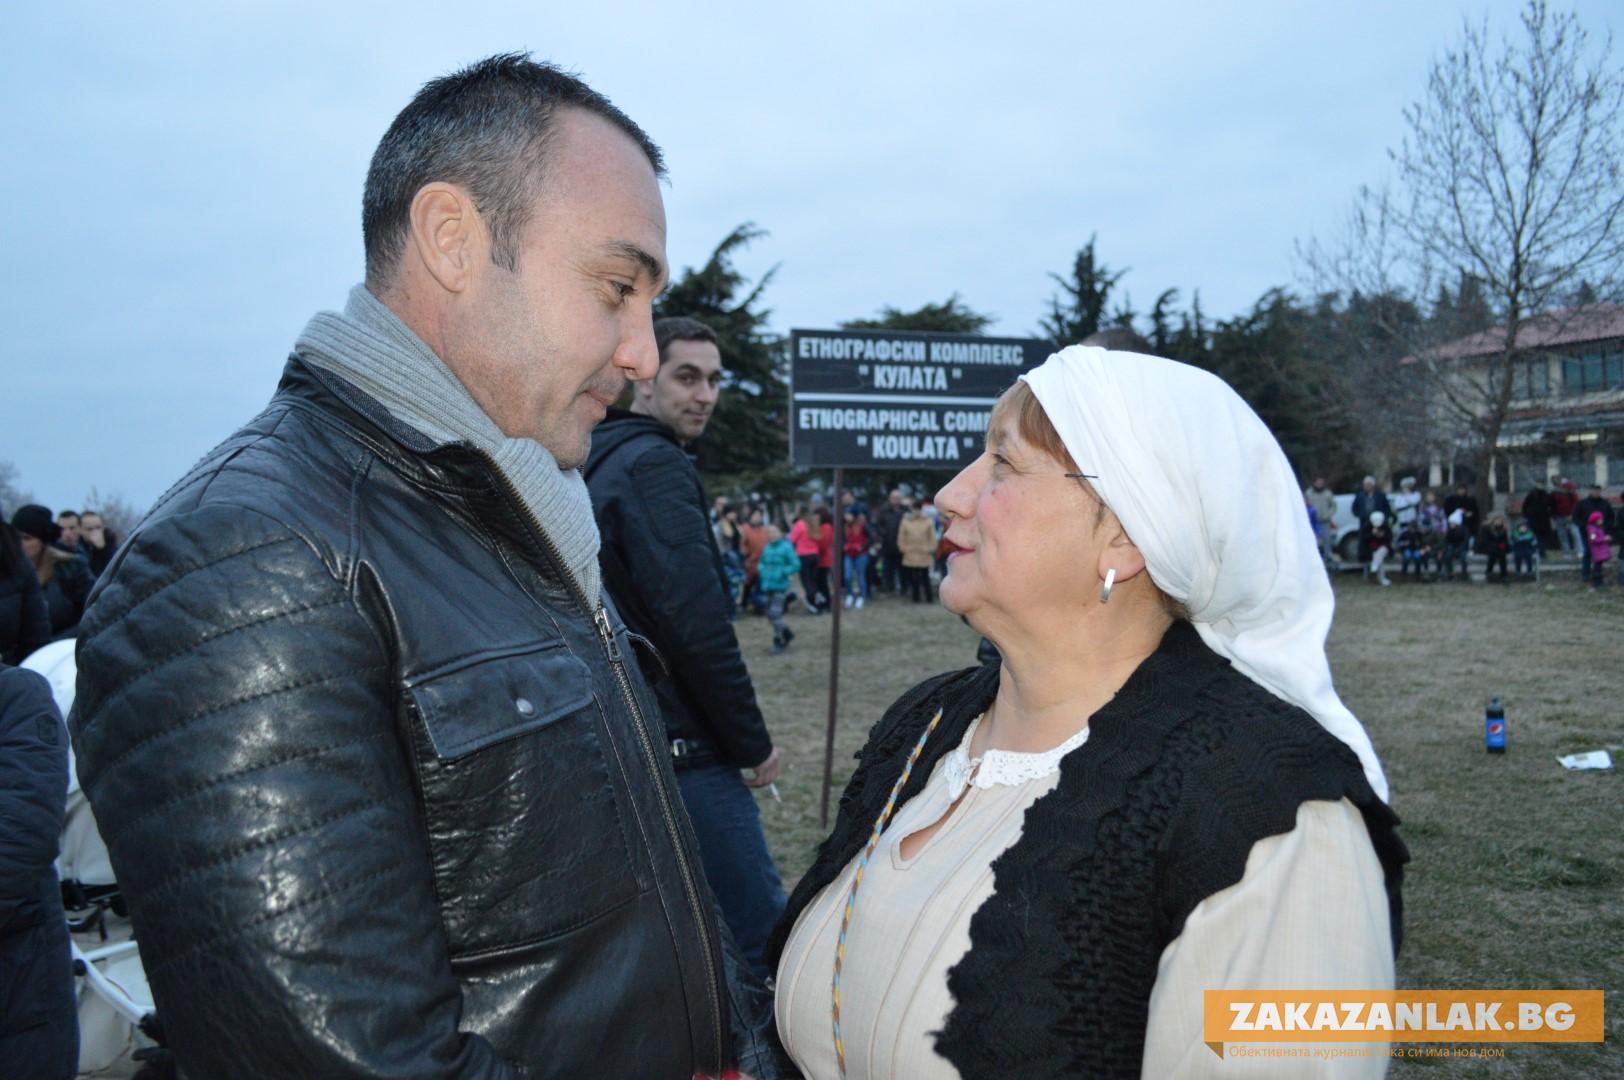 Борис Кърчев: Поисках прошка от родителите си, а на другите прощавам